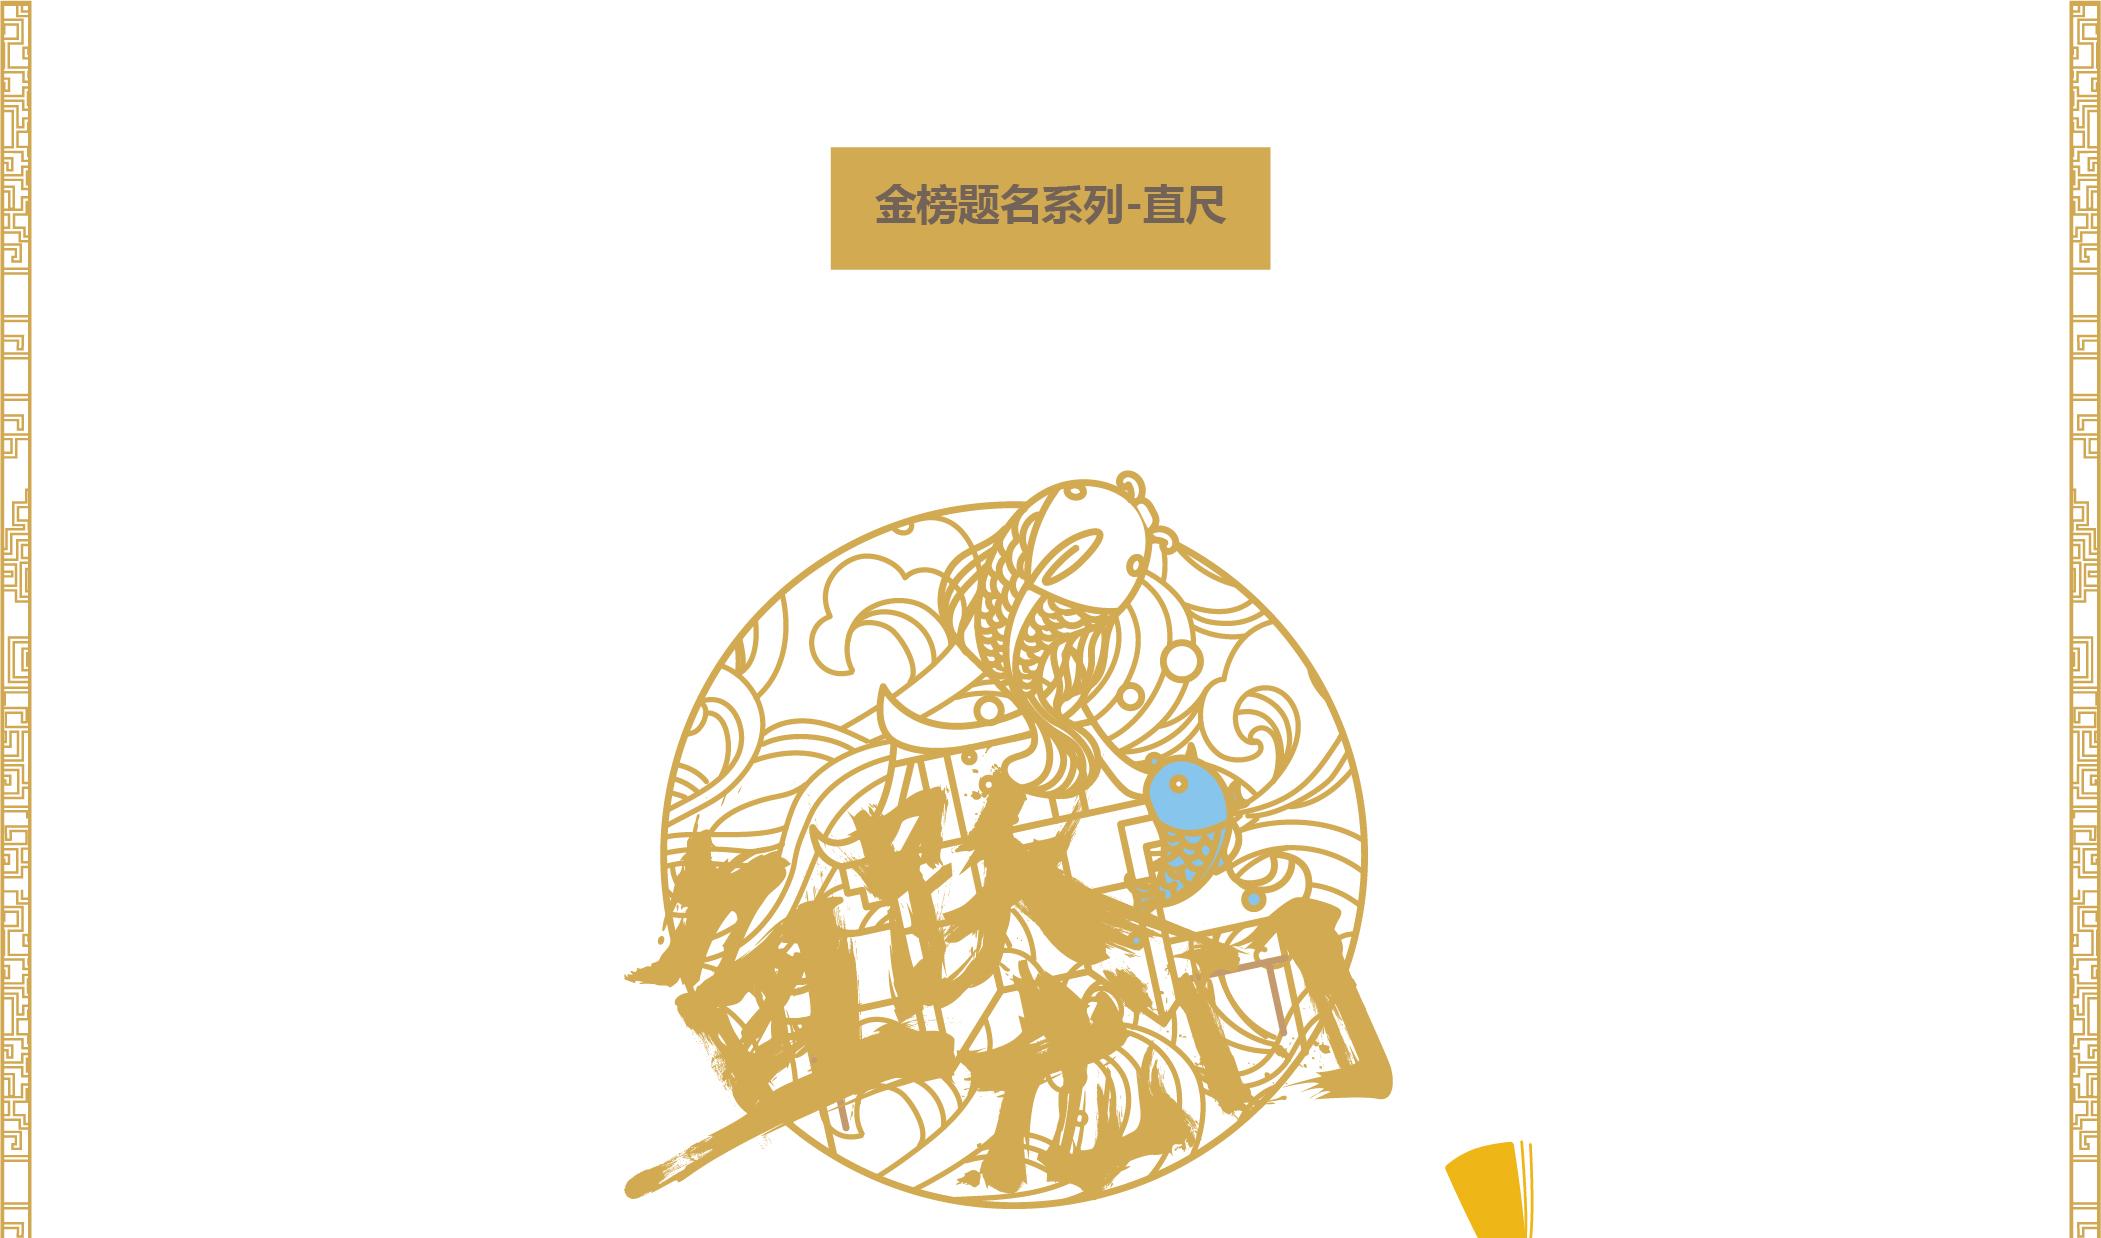 长图详情-27.jpg